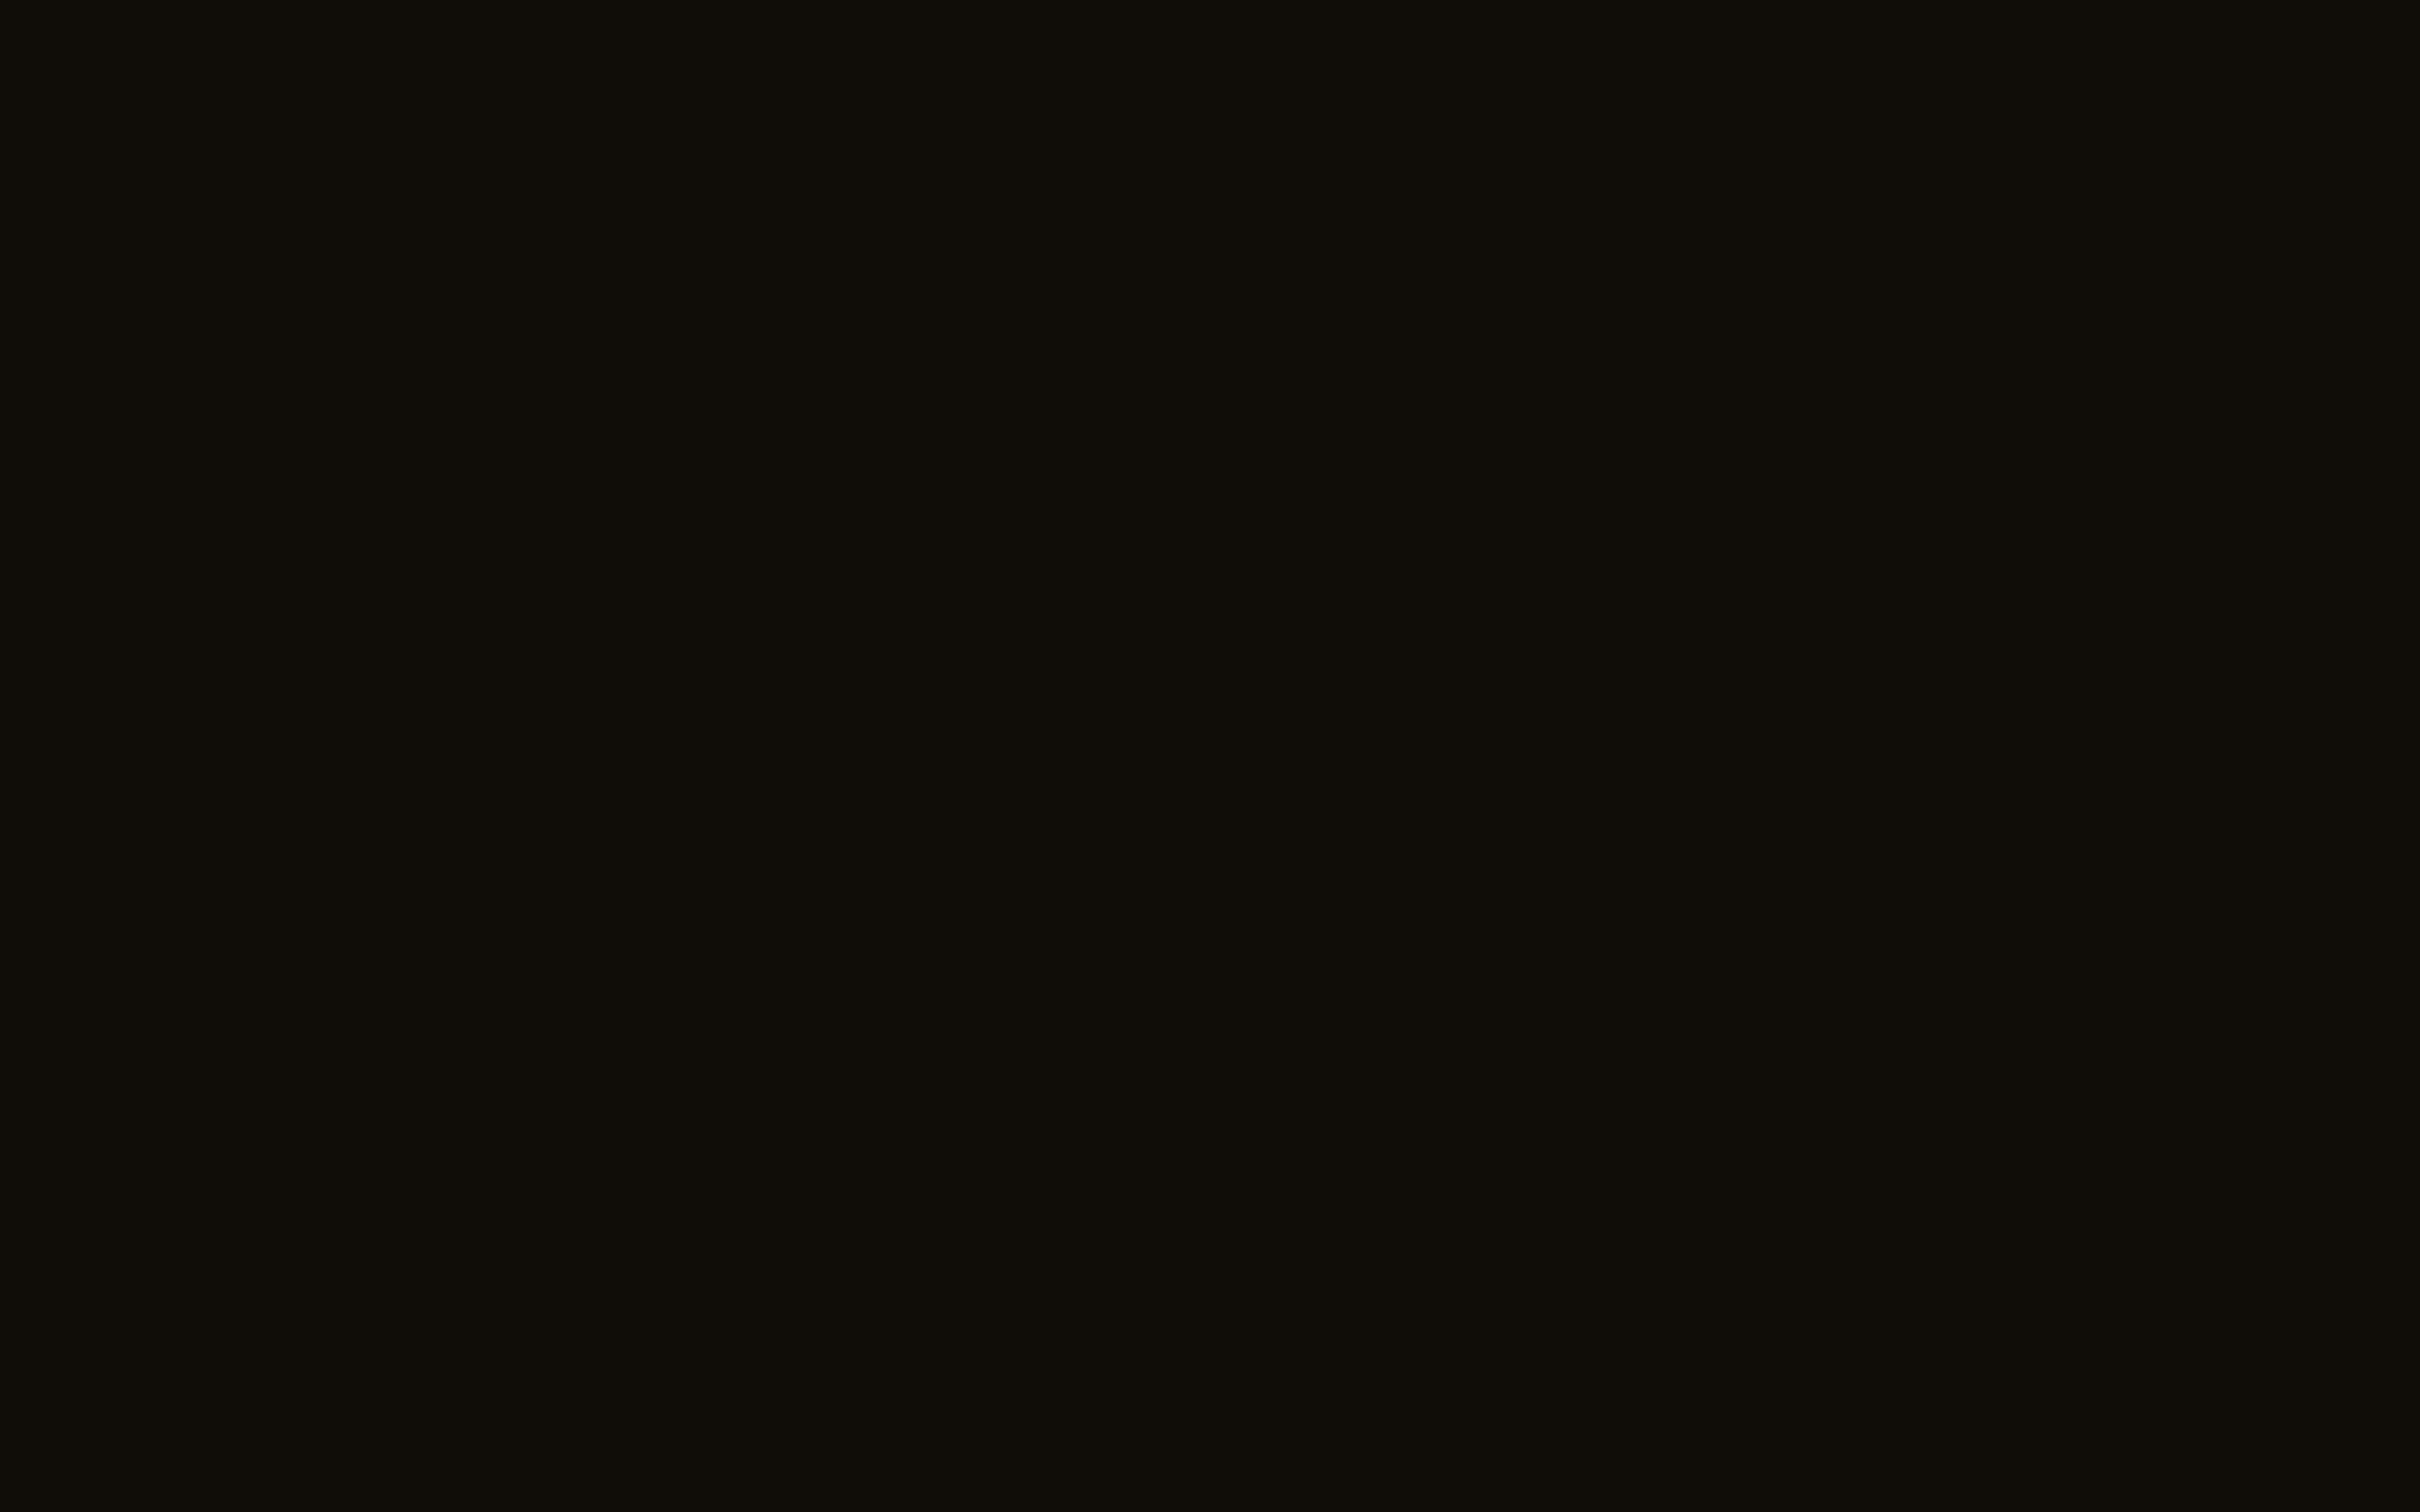 Black color Love Wallpaper : Black color Wallpaper - WallpaperSafari